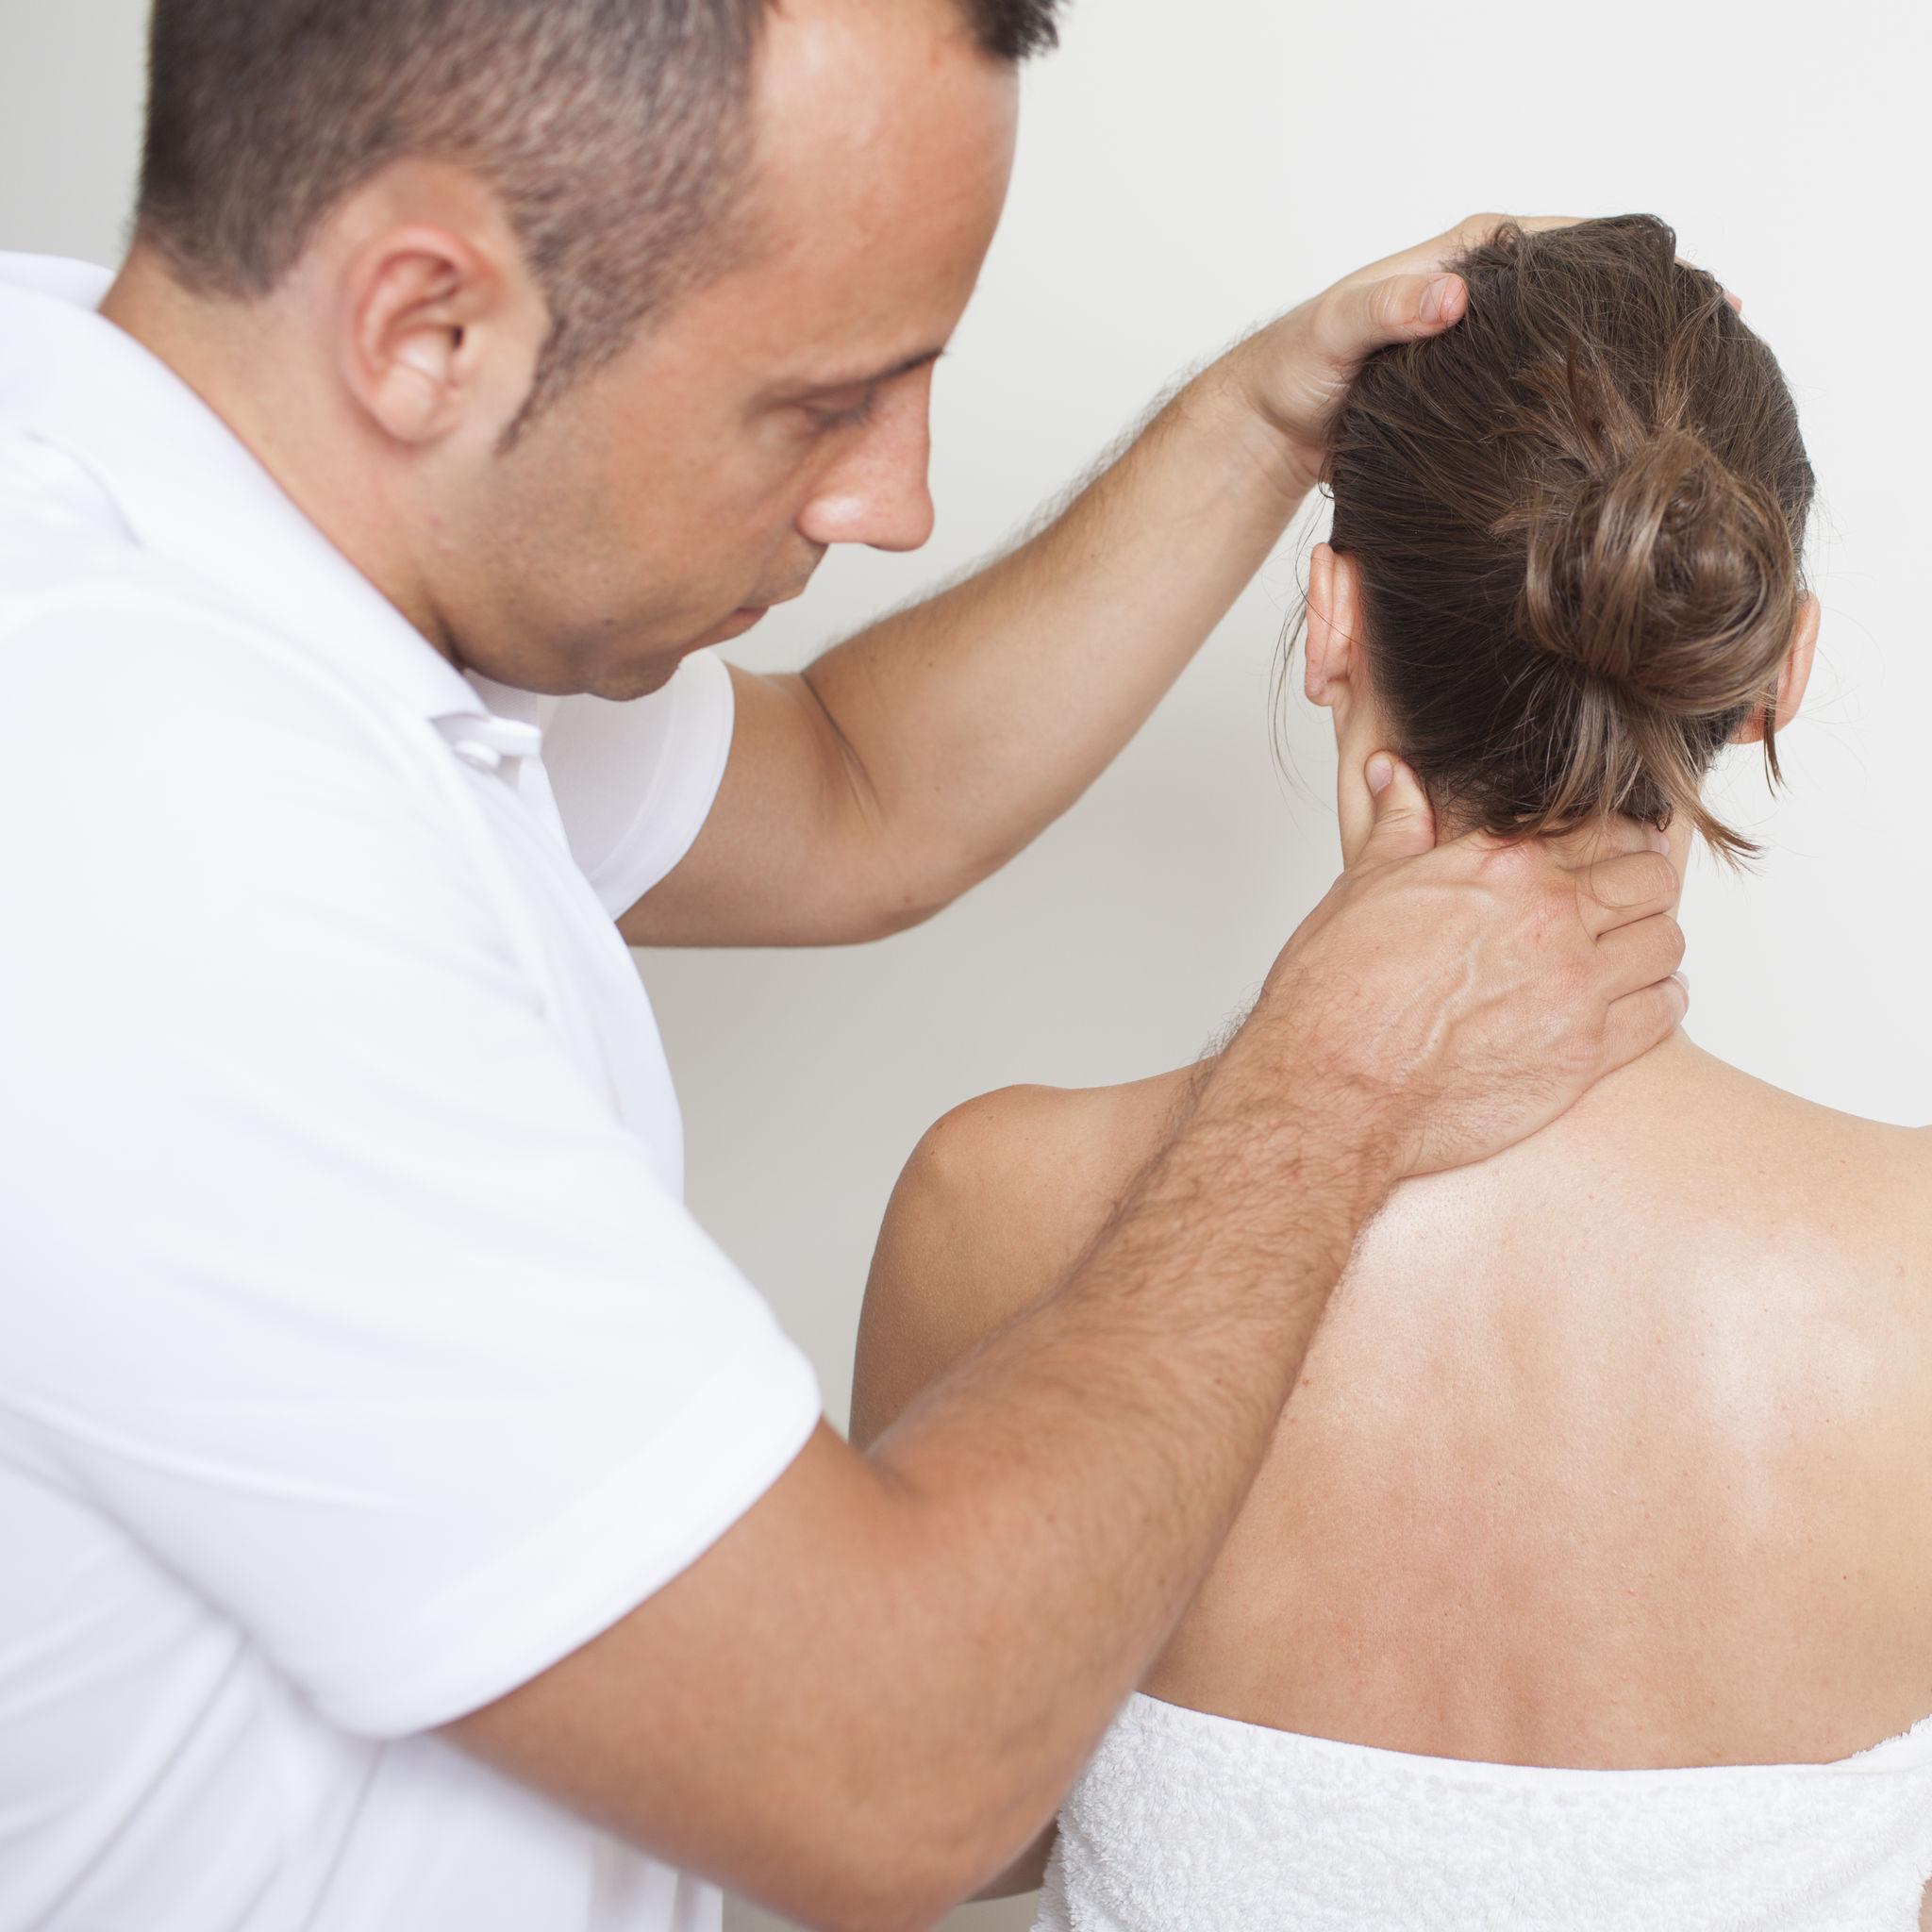 Entorse do pescoço: sintomas, diagnóstico e tratamentos